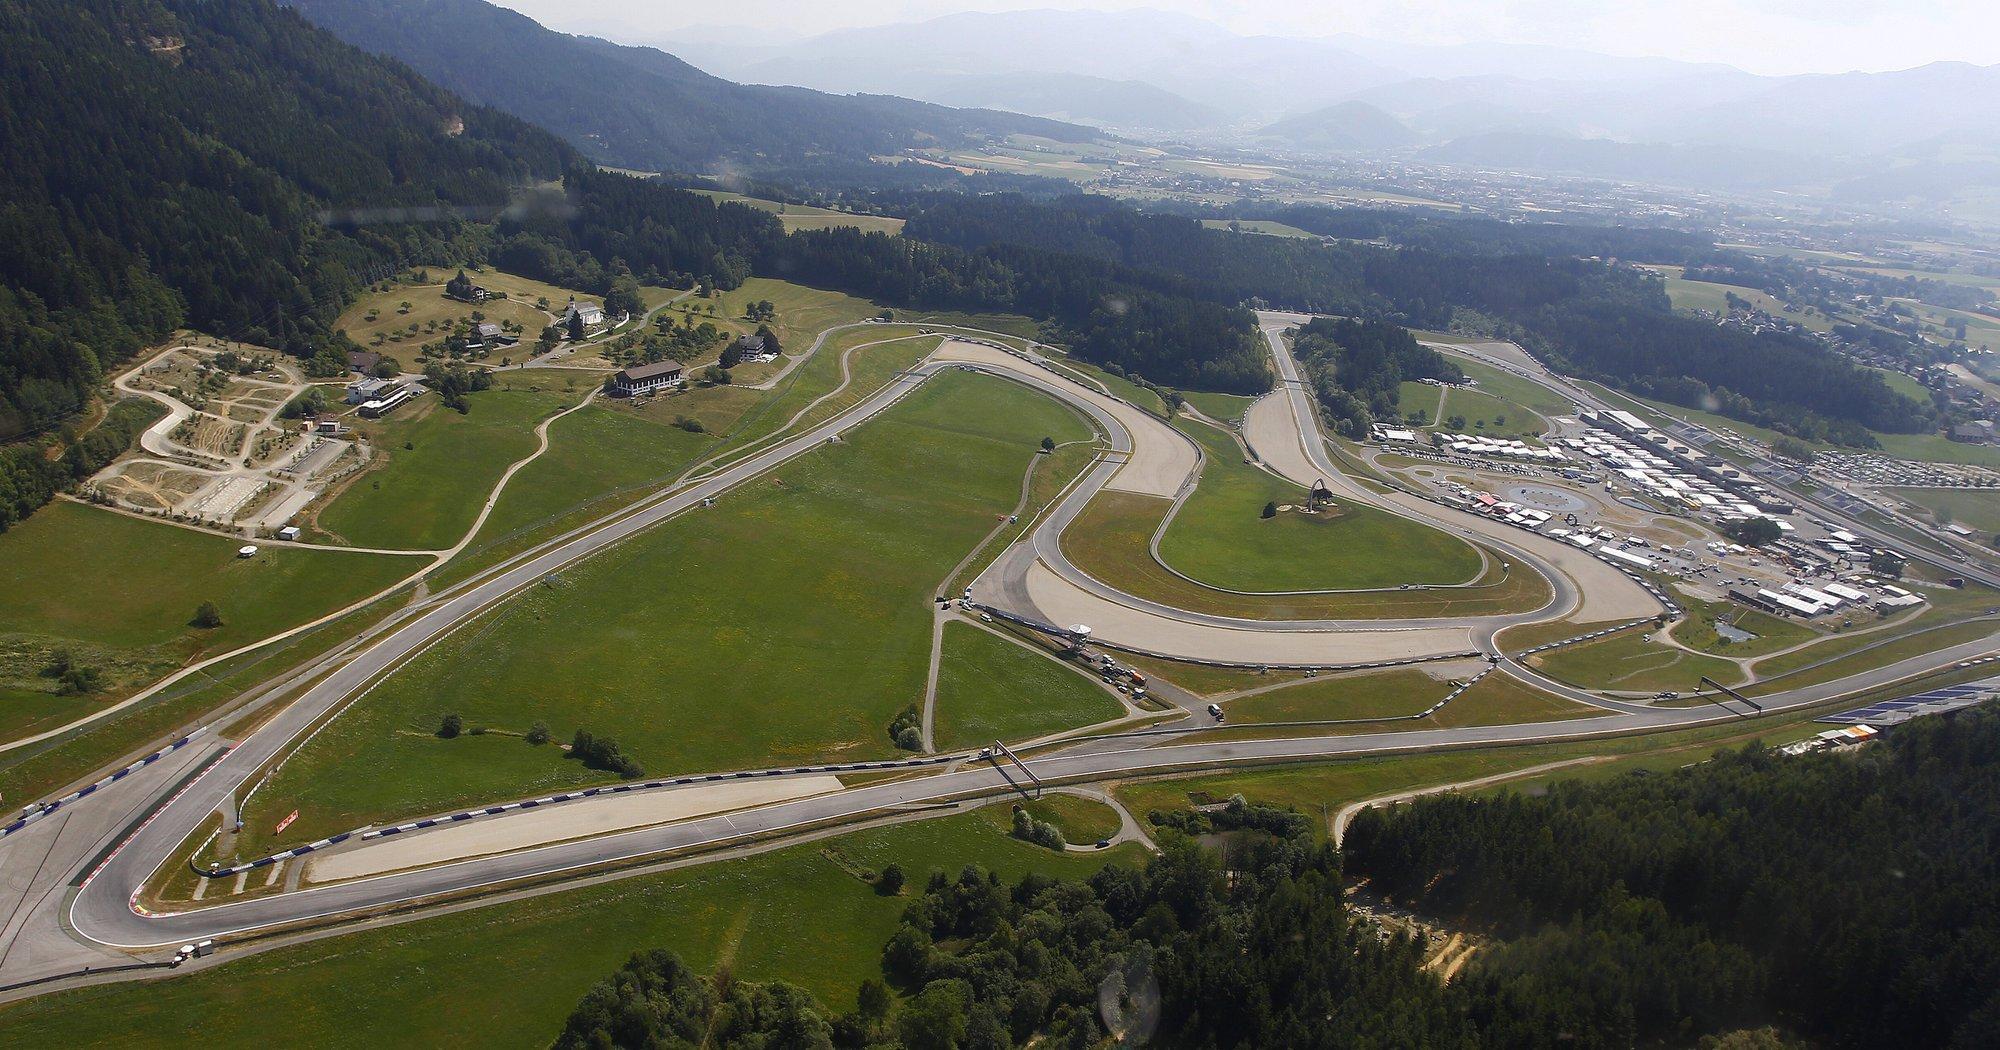 История Большого приза Австрии в странных вопросах и ответах